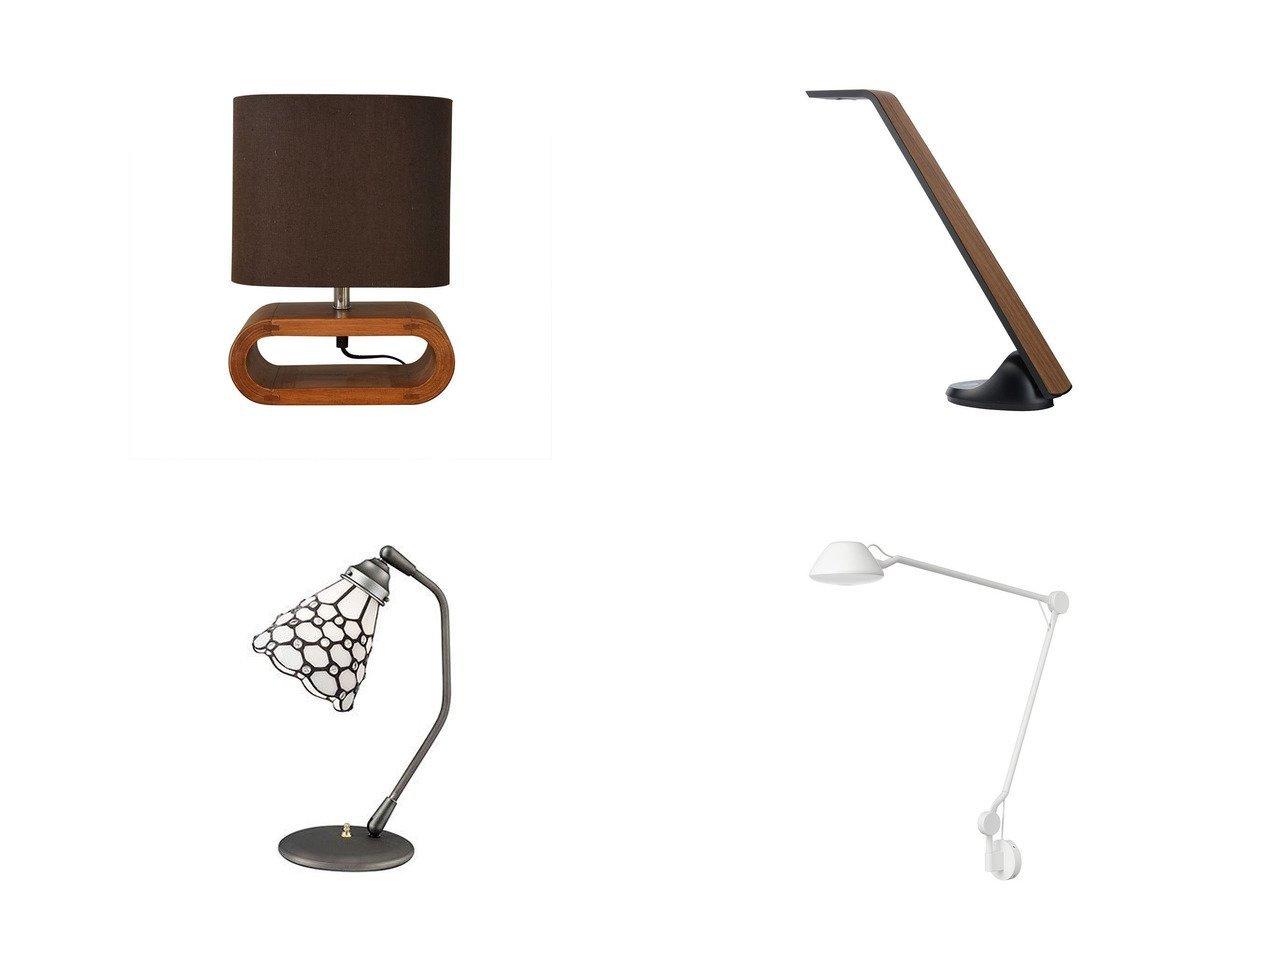 【FLYMEe Factory / GOODS/フライミー ファクトリー】のCUSTOM SERIES Classic Desk Lamp × カスタムシリーズ クラシックデスクランプ × ステンドグラス(ドッツ)&【FRITZ HANSEN / GOODS/フリッツ ハンセン】のAQ01 ウォールランプ&【FLYMEe Work / GOODS/フライミーワーク】のLEDデスクライト #31607&【FLYMEe vert / GOODS/フライミー ヴェール】のテーブルライト #11614 【INTE おすすめで人気の流行・トレンド、ファッションの通販商品 メンズファッション・キッズファッション・インテリア・家具・レディースファッション・服の通販 founy(ファニー) https://founy.com/ 送料無料 Free Shipping スタイリッシュ テーブル モダン コレクション スプリング デスク パターン フォルム クラシック ドット ハンド コンパクト ホームグッズ Home garden 家具・インテリア Furniture ライト・照明 Lighting & Light Fixtures デスクライト・テーブルライト ホームグッズ Home garden 家具・インテリア Furniture ライト・照明 Lighting & Light Fixtures |ID:crp329100000015137